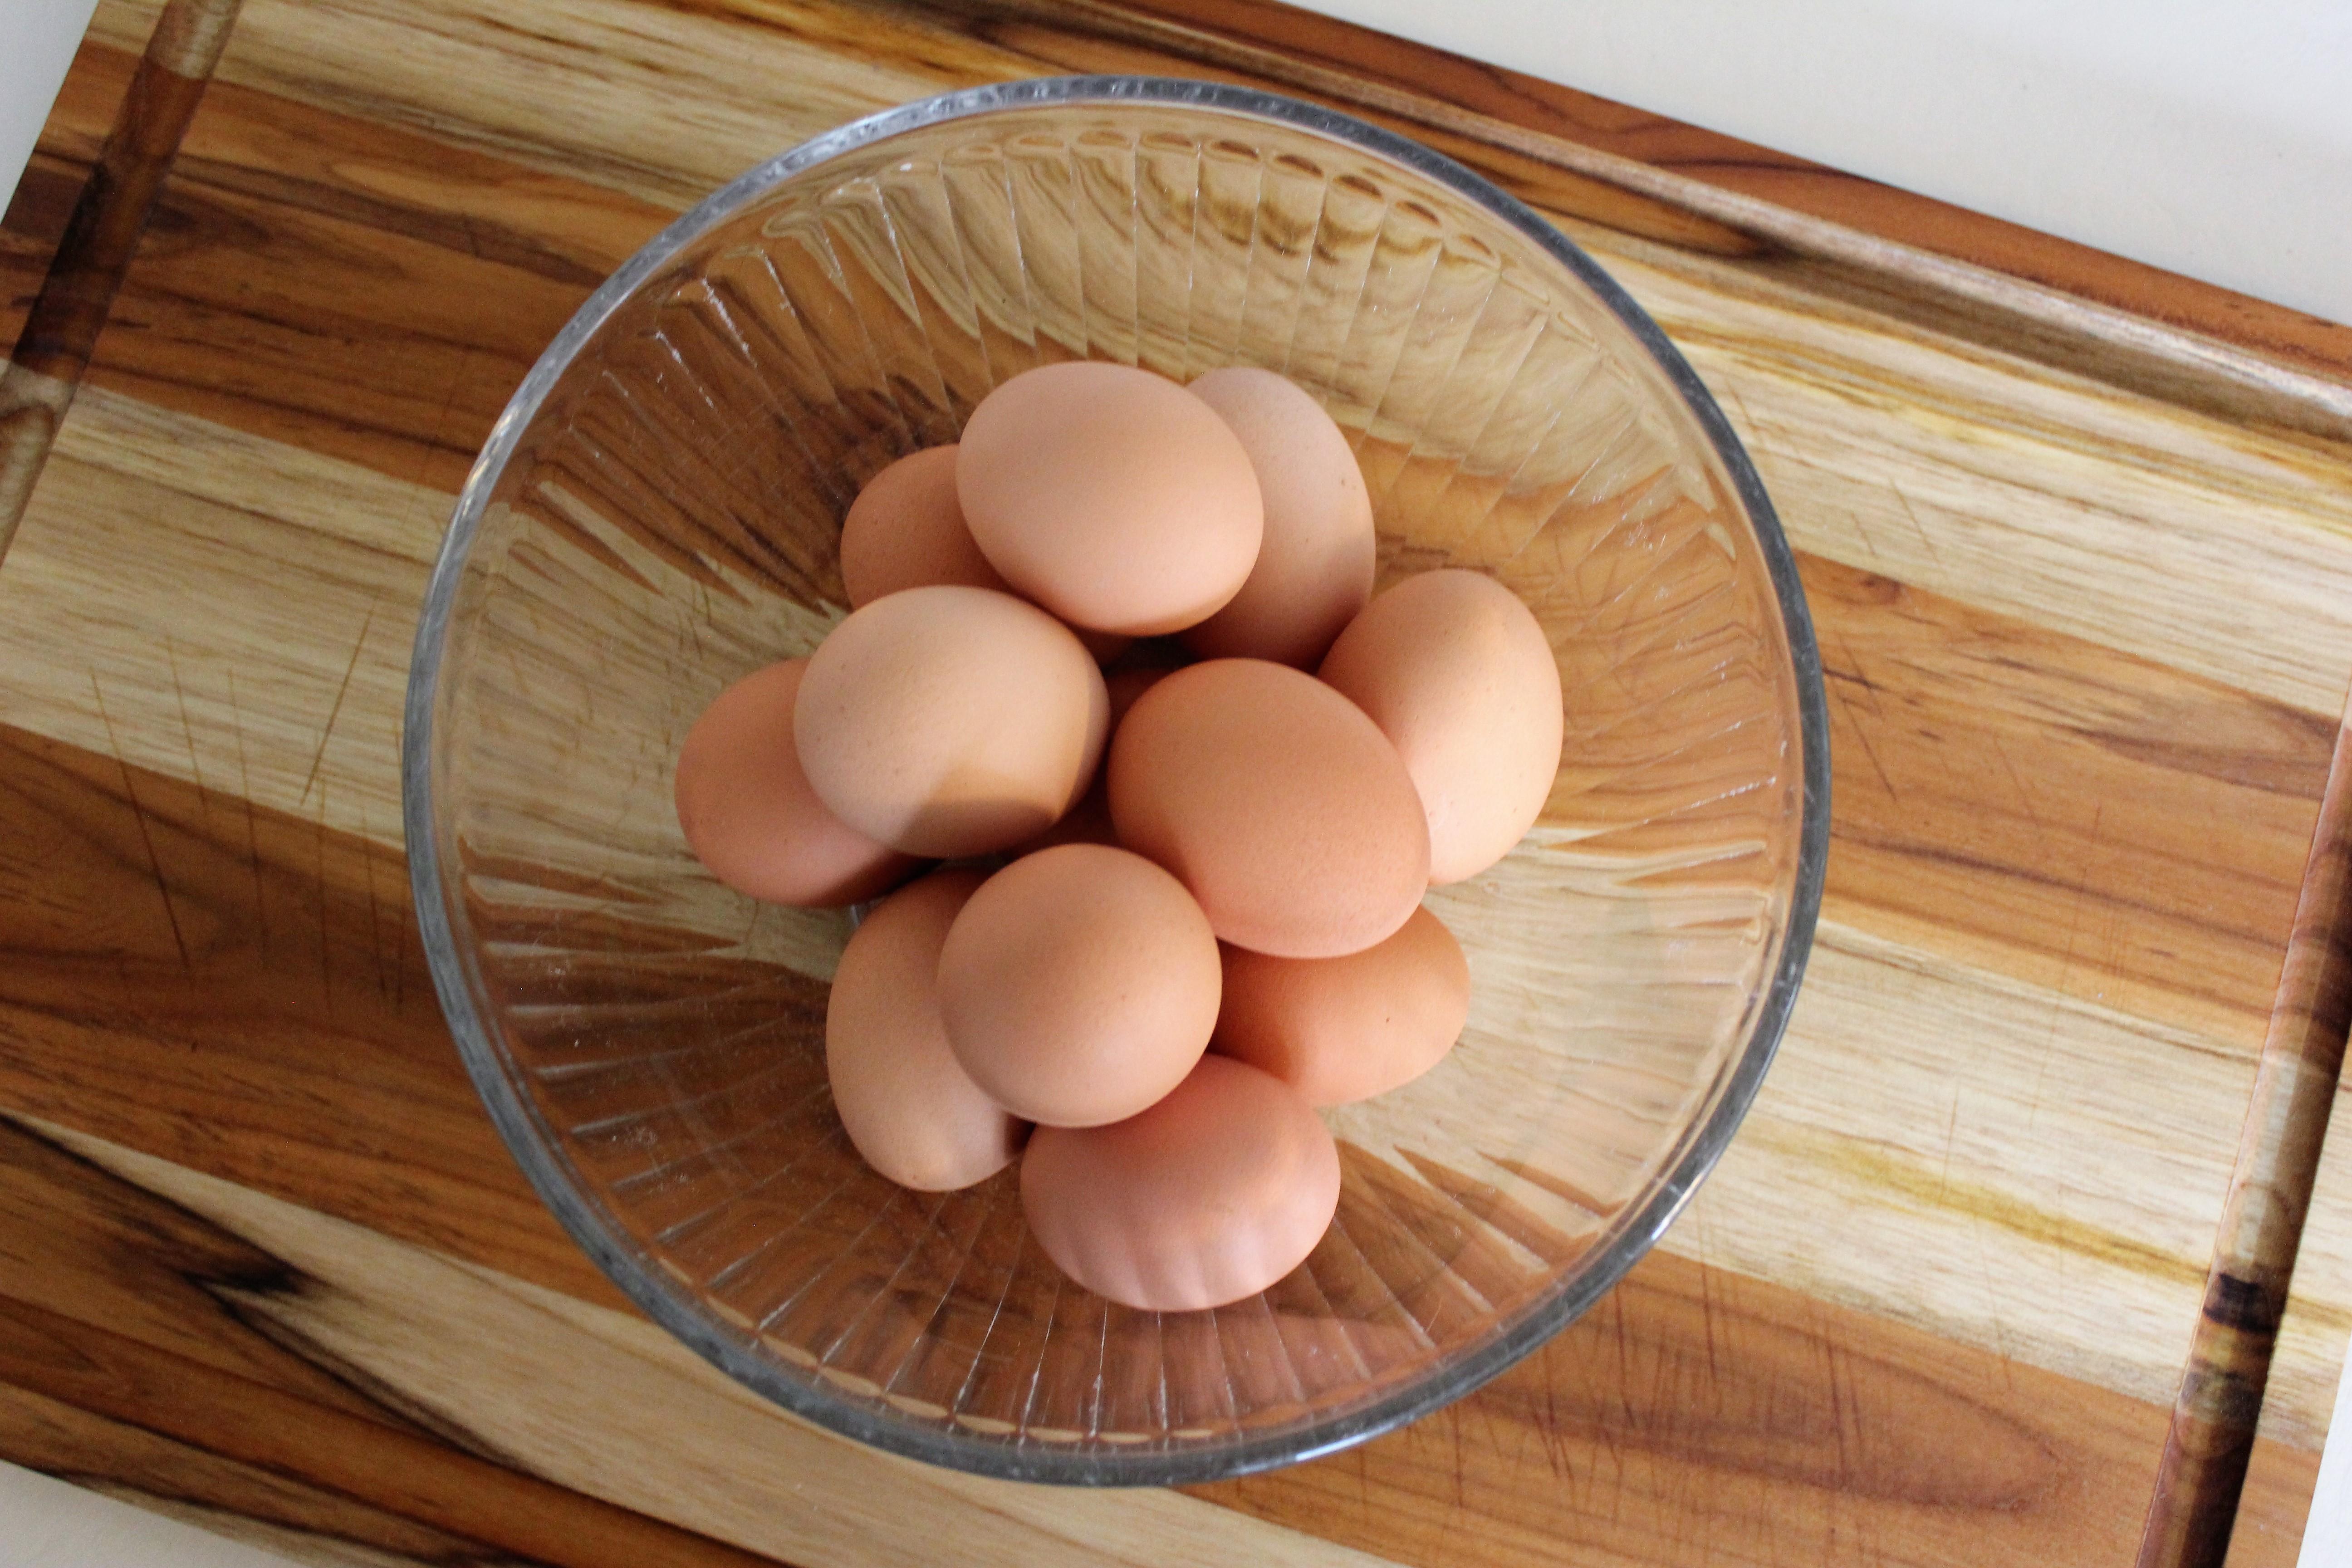 3 Dozen Summer Egg Share